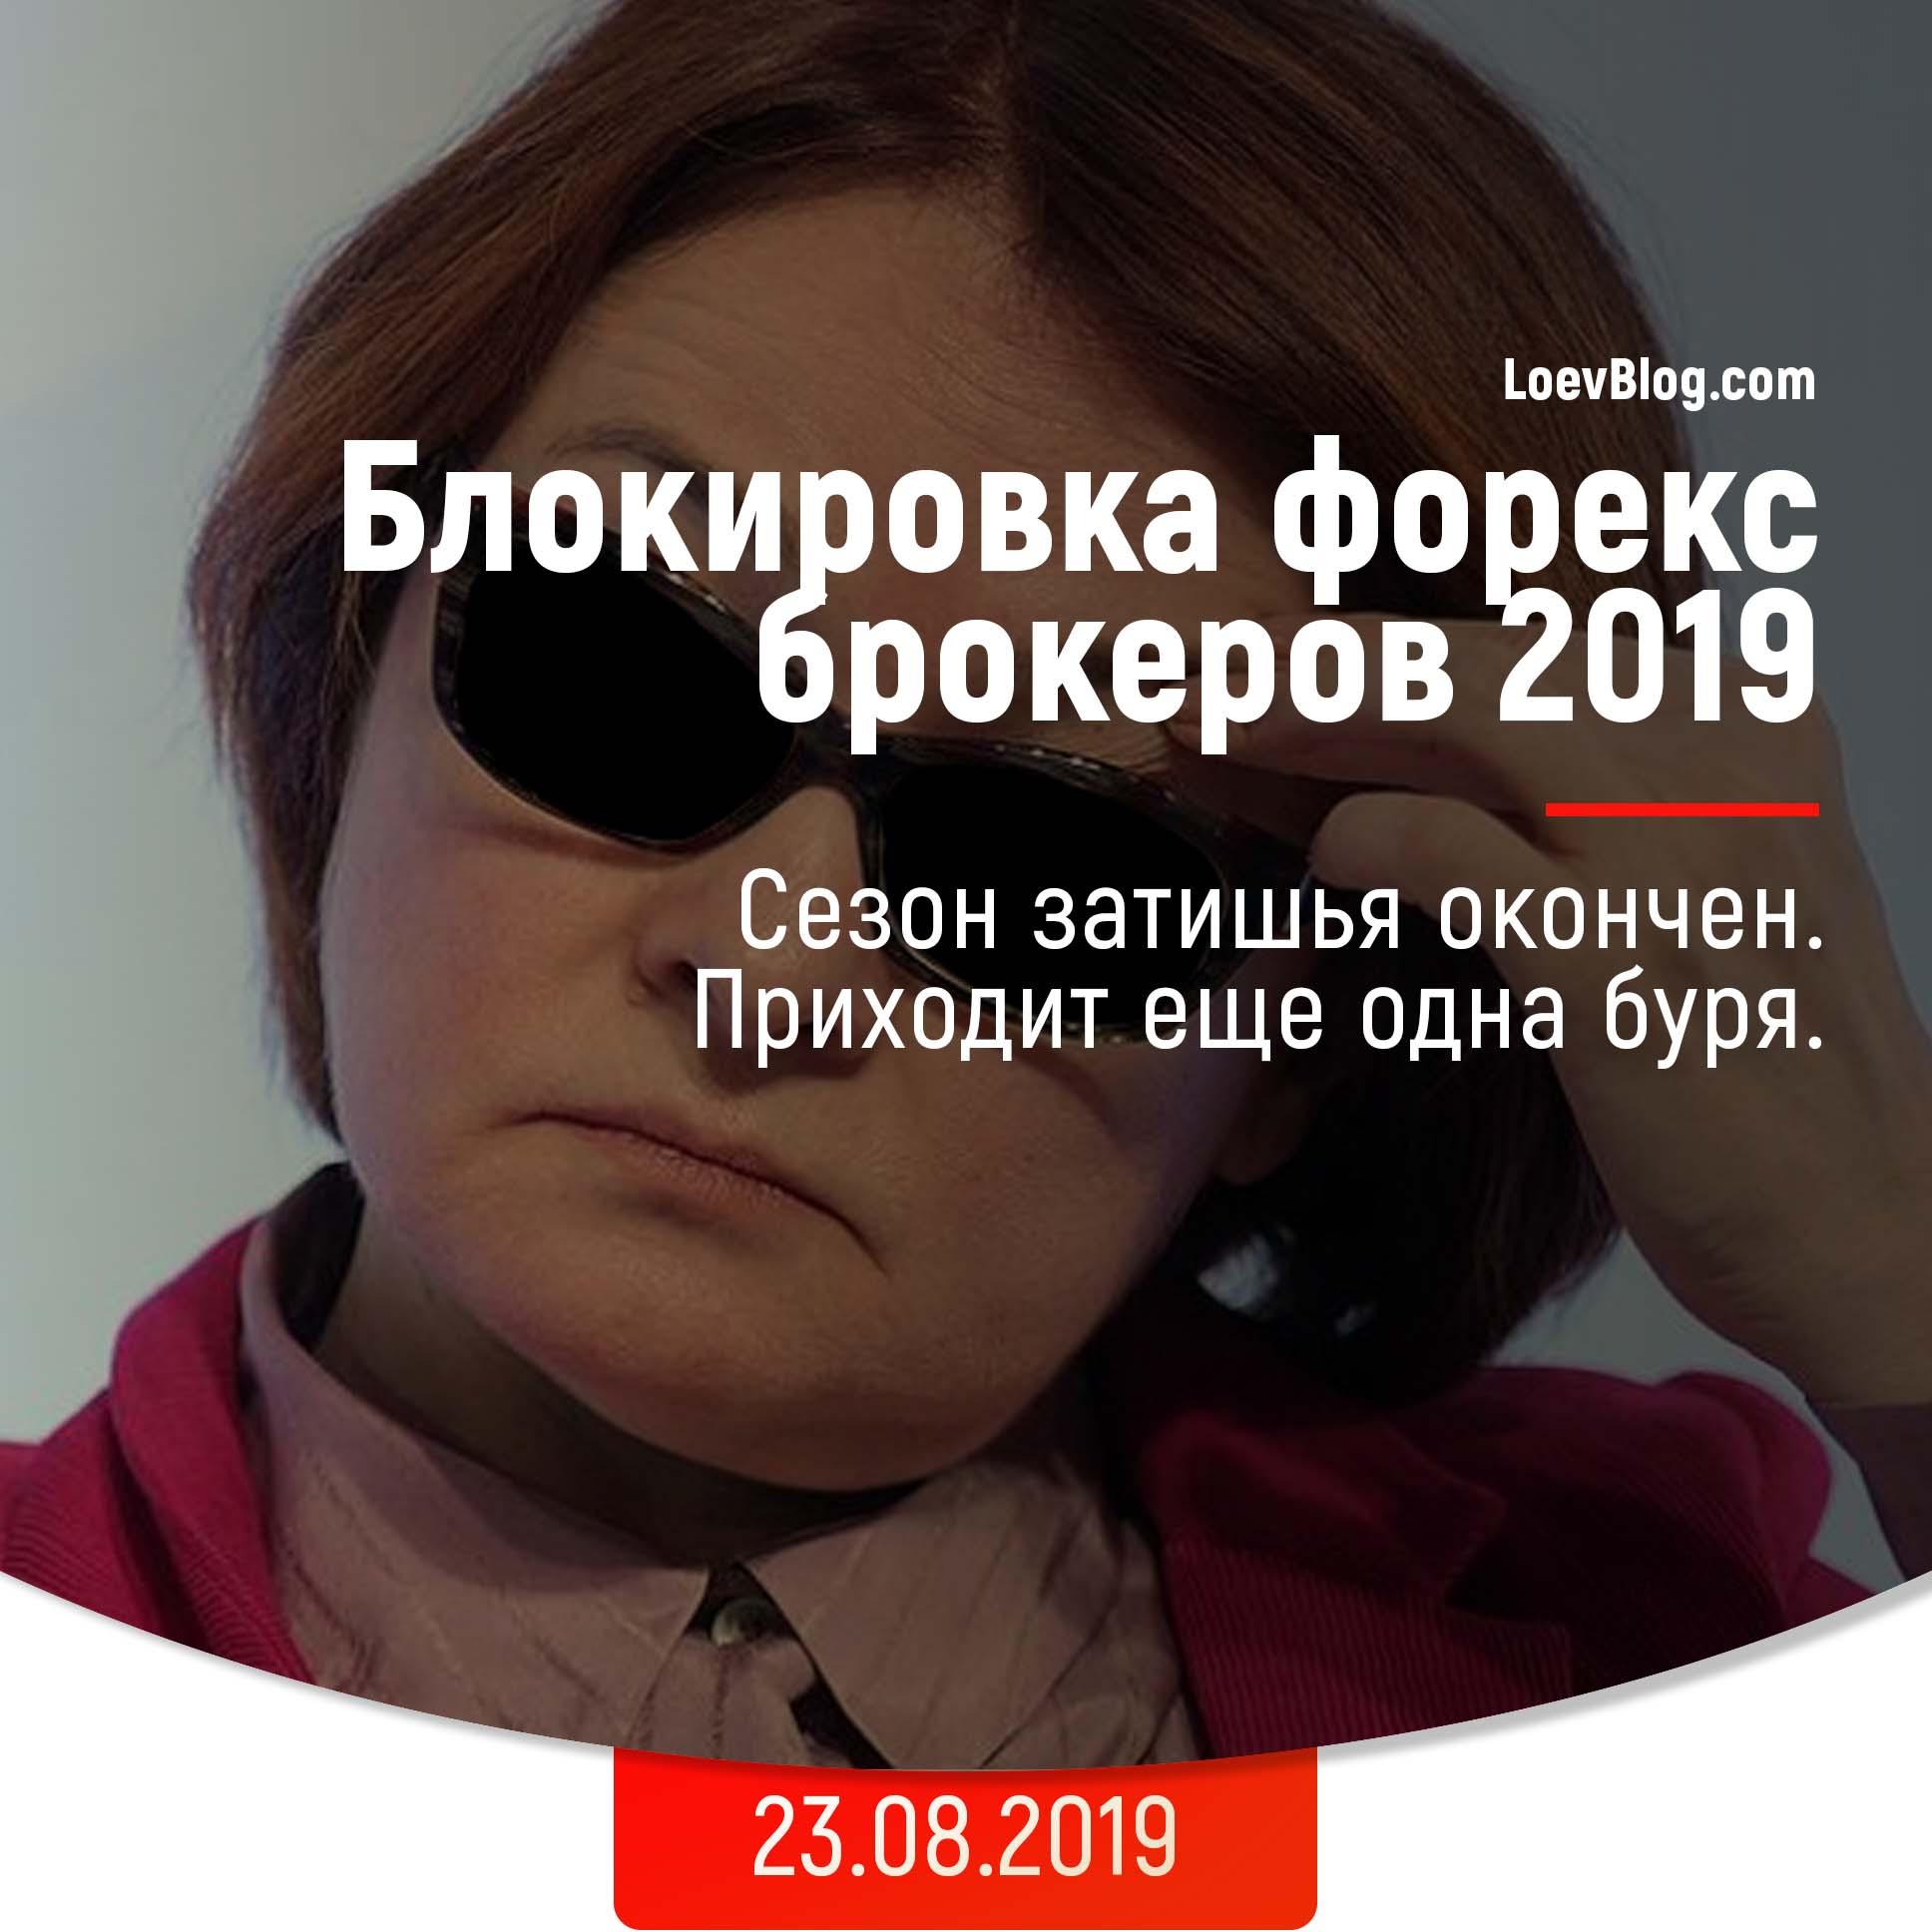 Блокировка форекс брокеров 2019 3